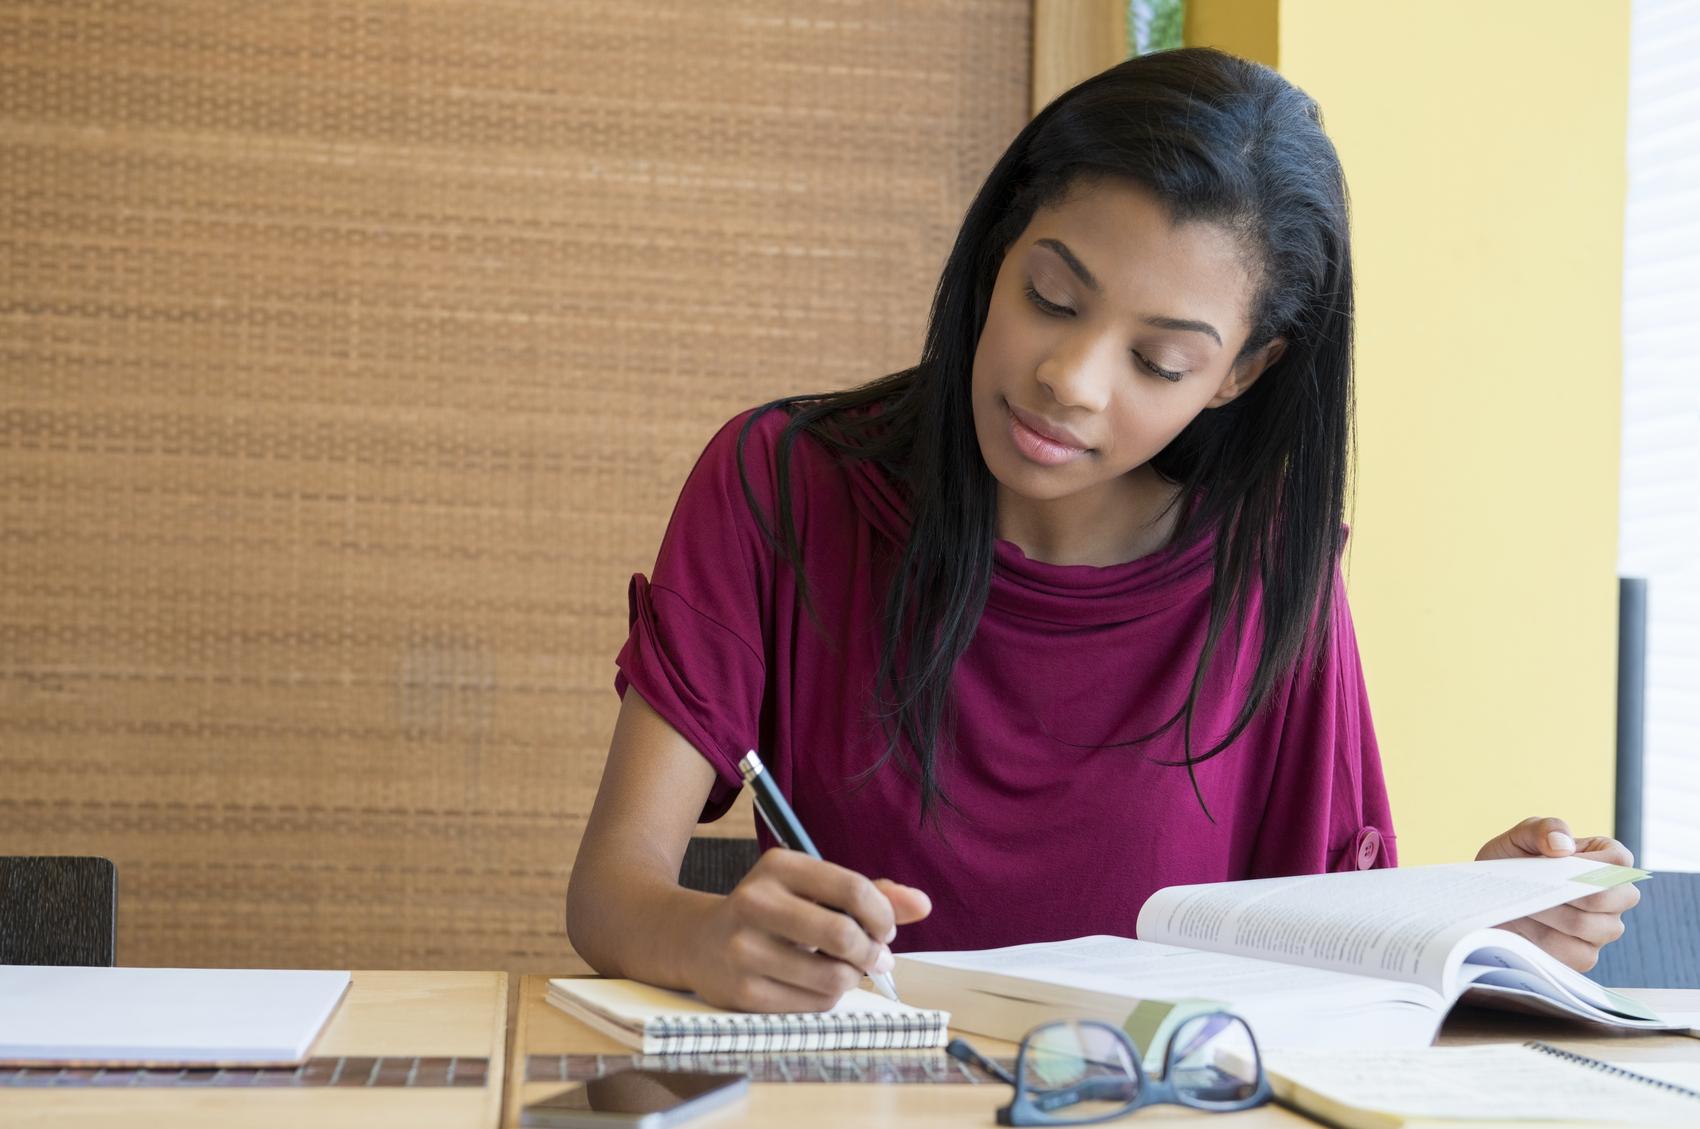 Estudante lendo e escrevendo